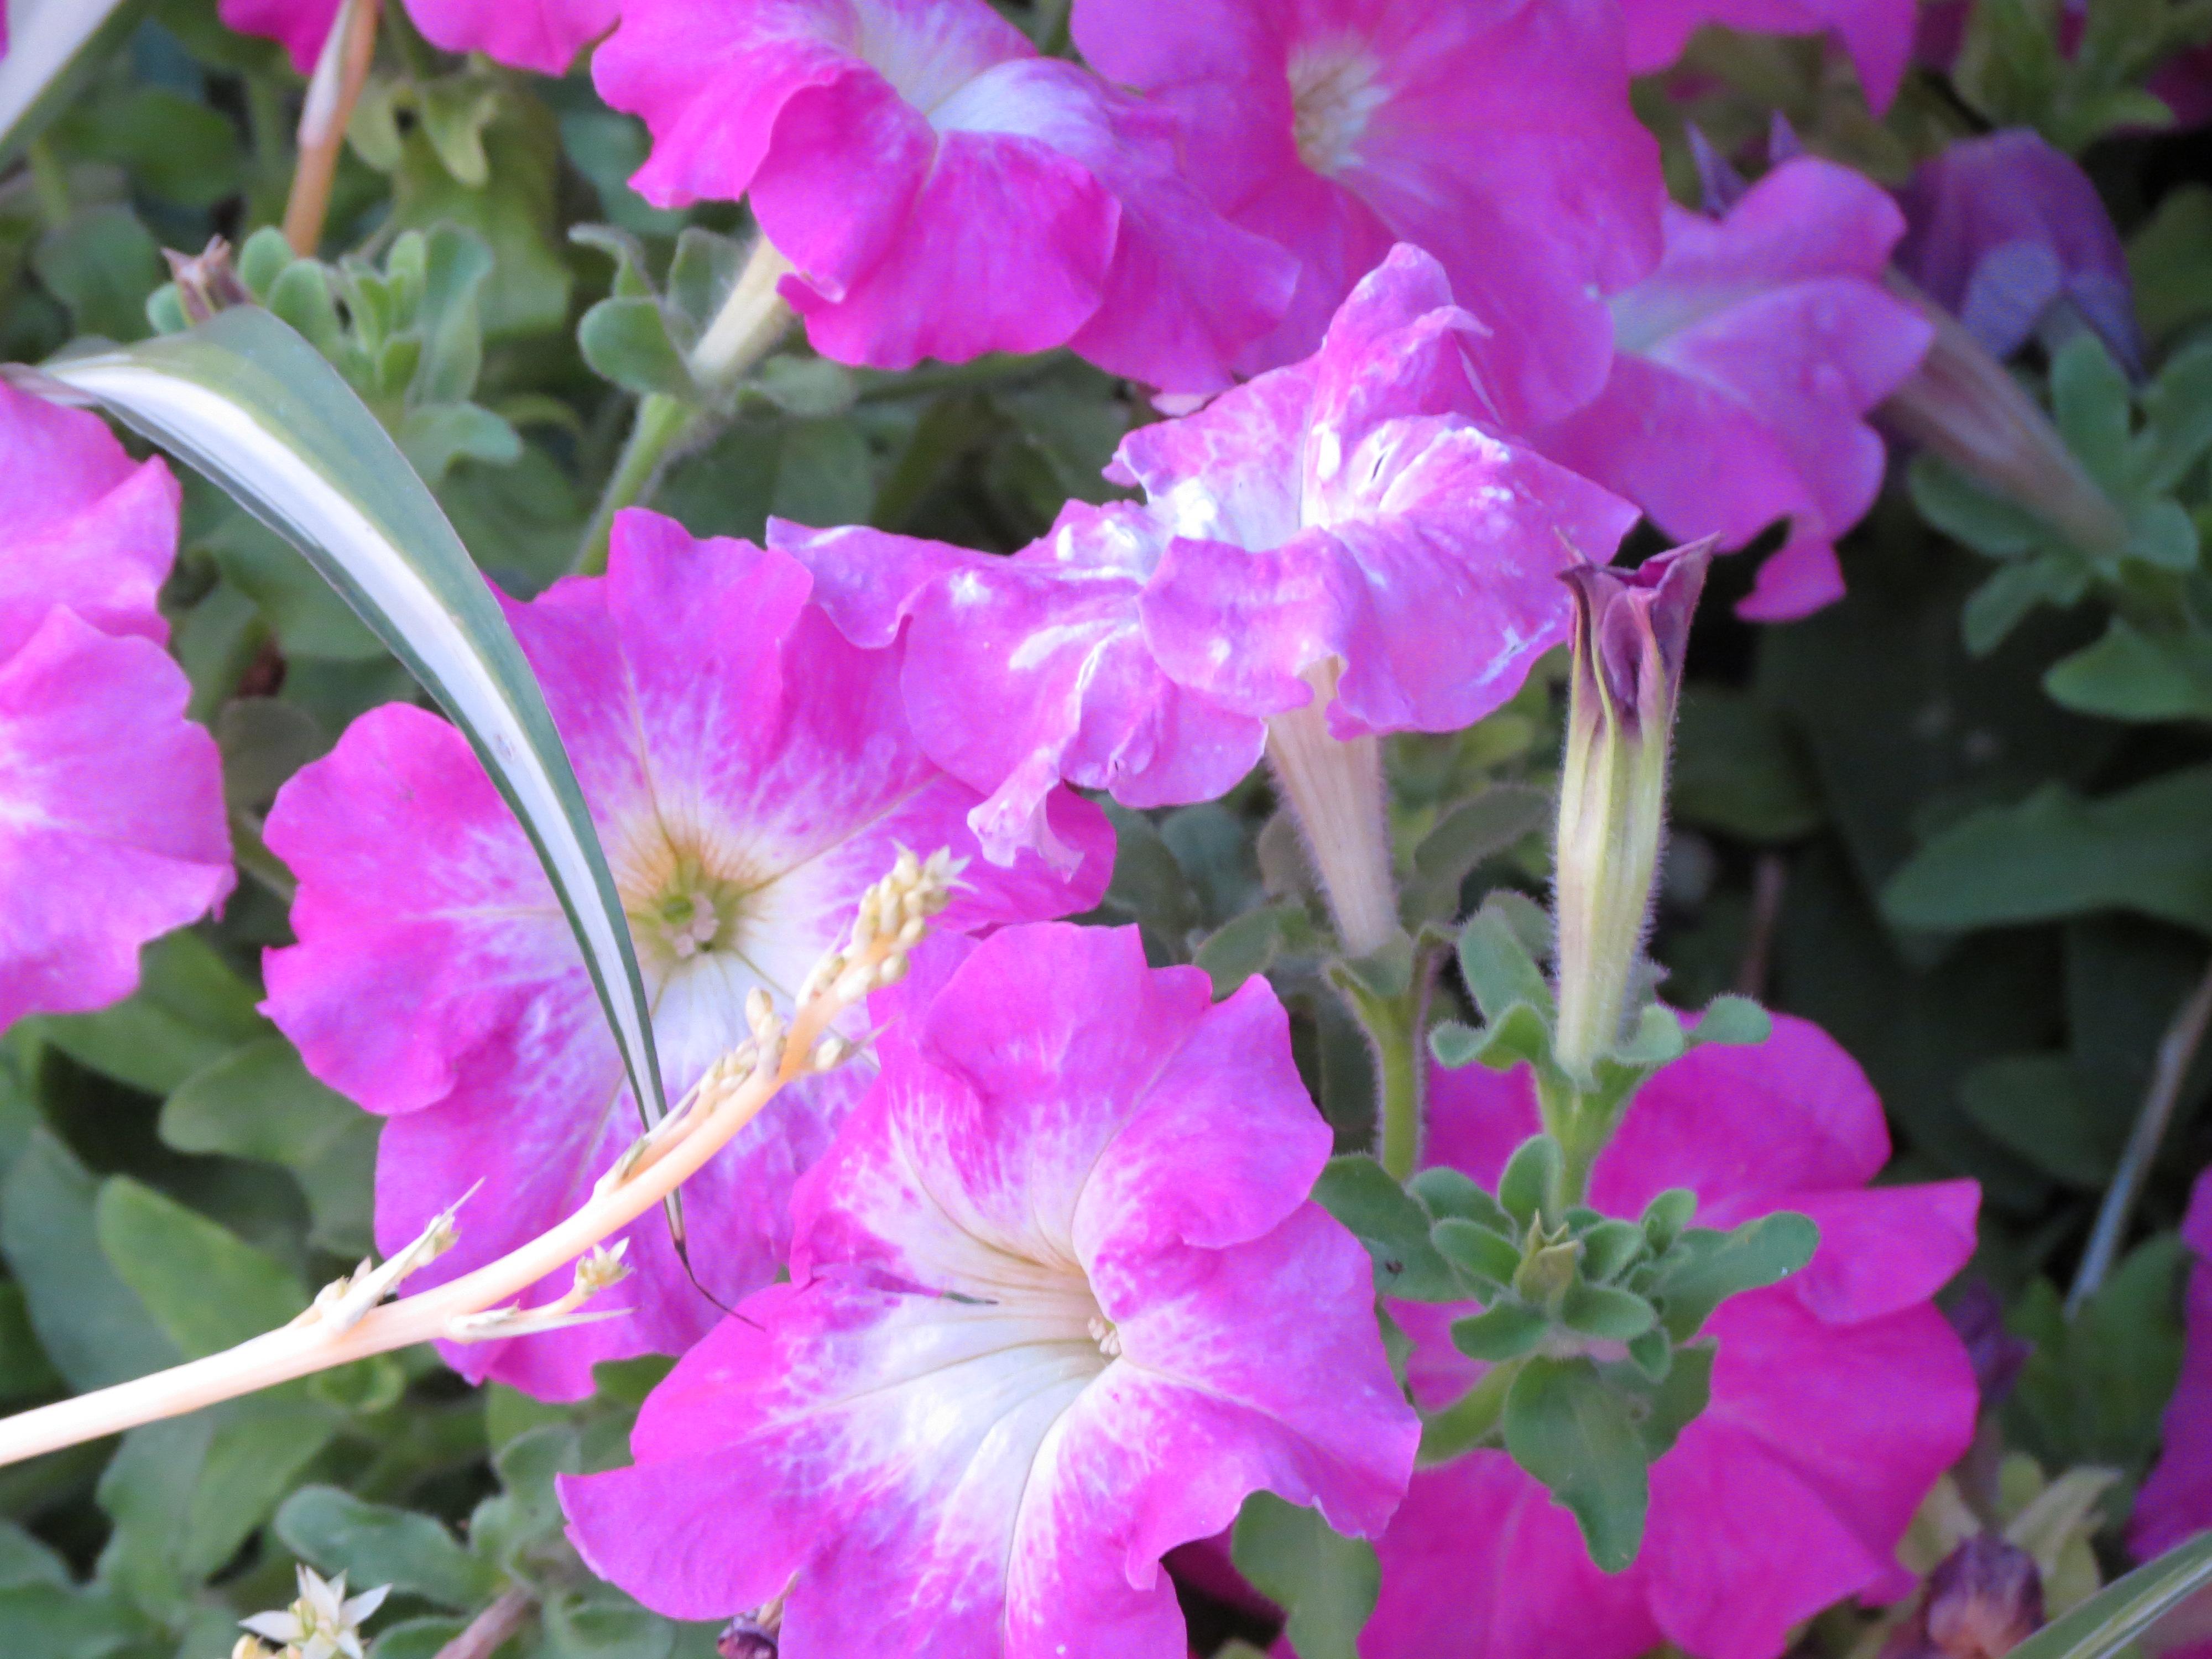 Ярко-розовые цветы, обои для рабочего стола, фотография высокого разрешения